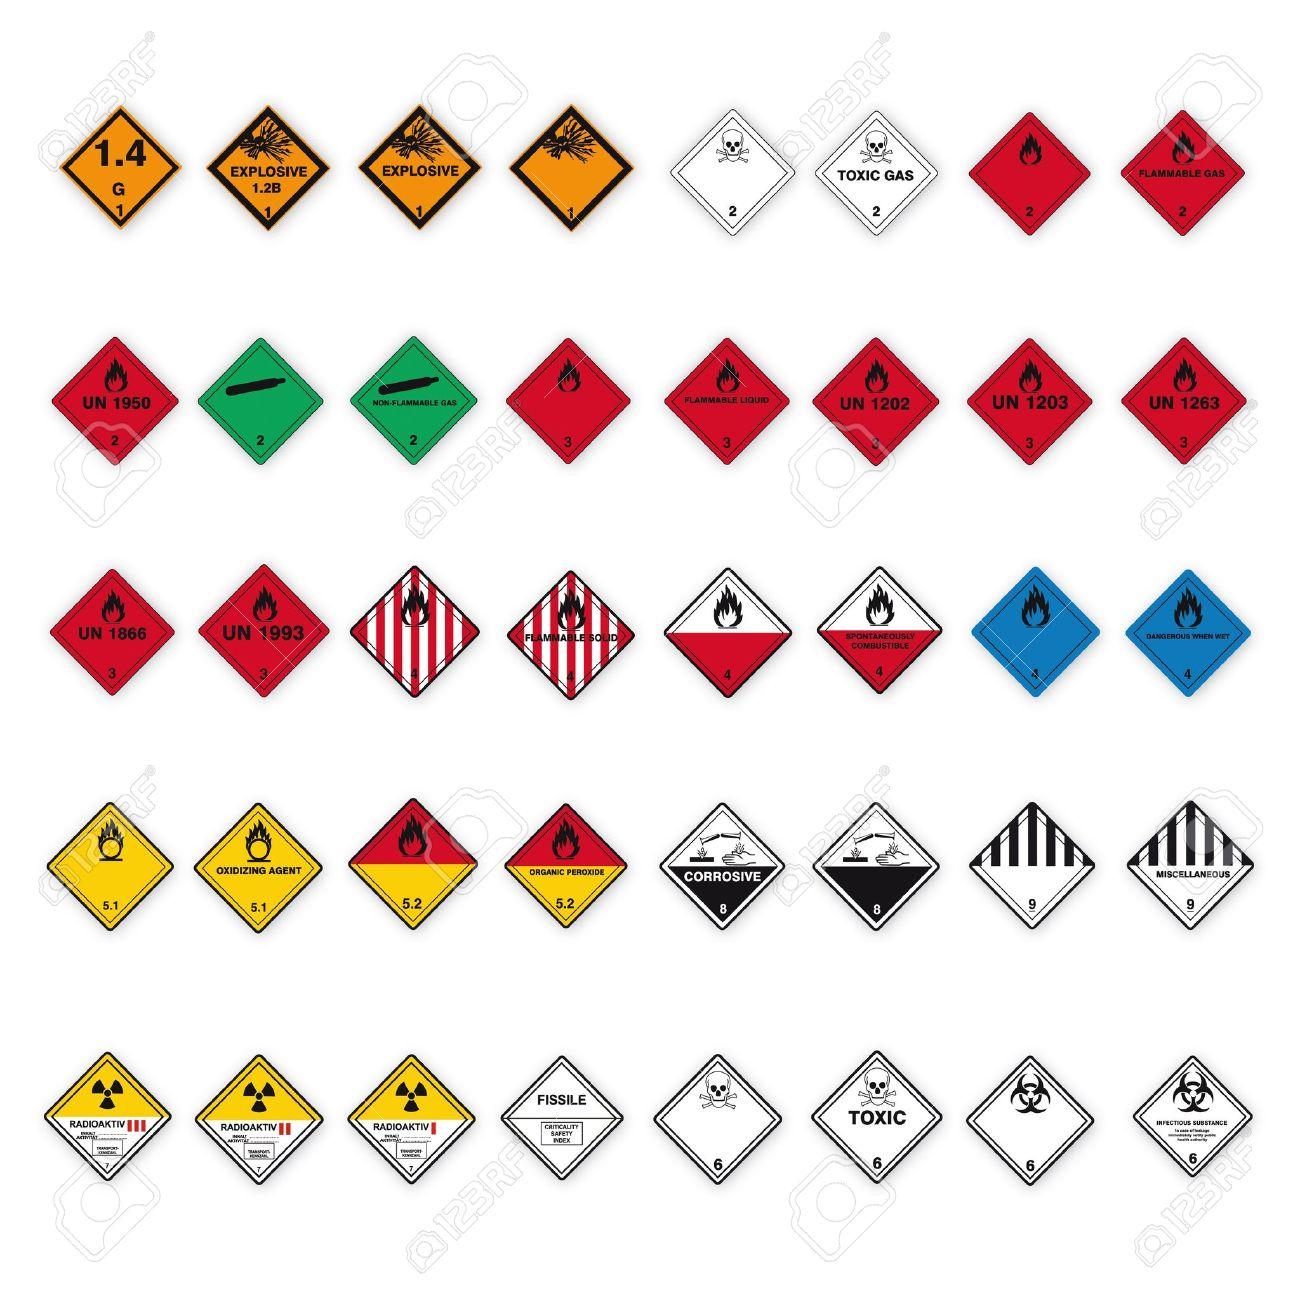 Hazardous substances signs icon flammable skull radioactive hazard corrosive set - 14380112